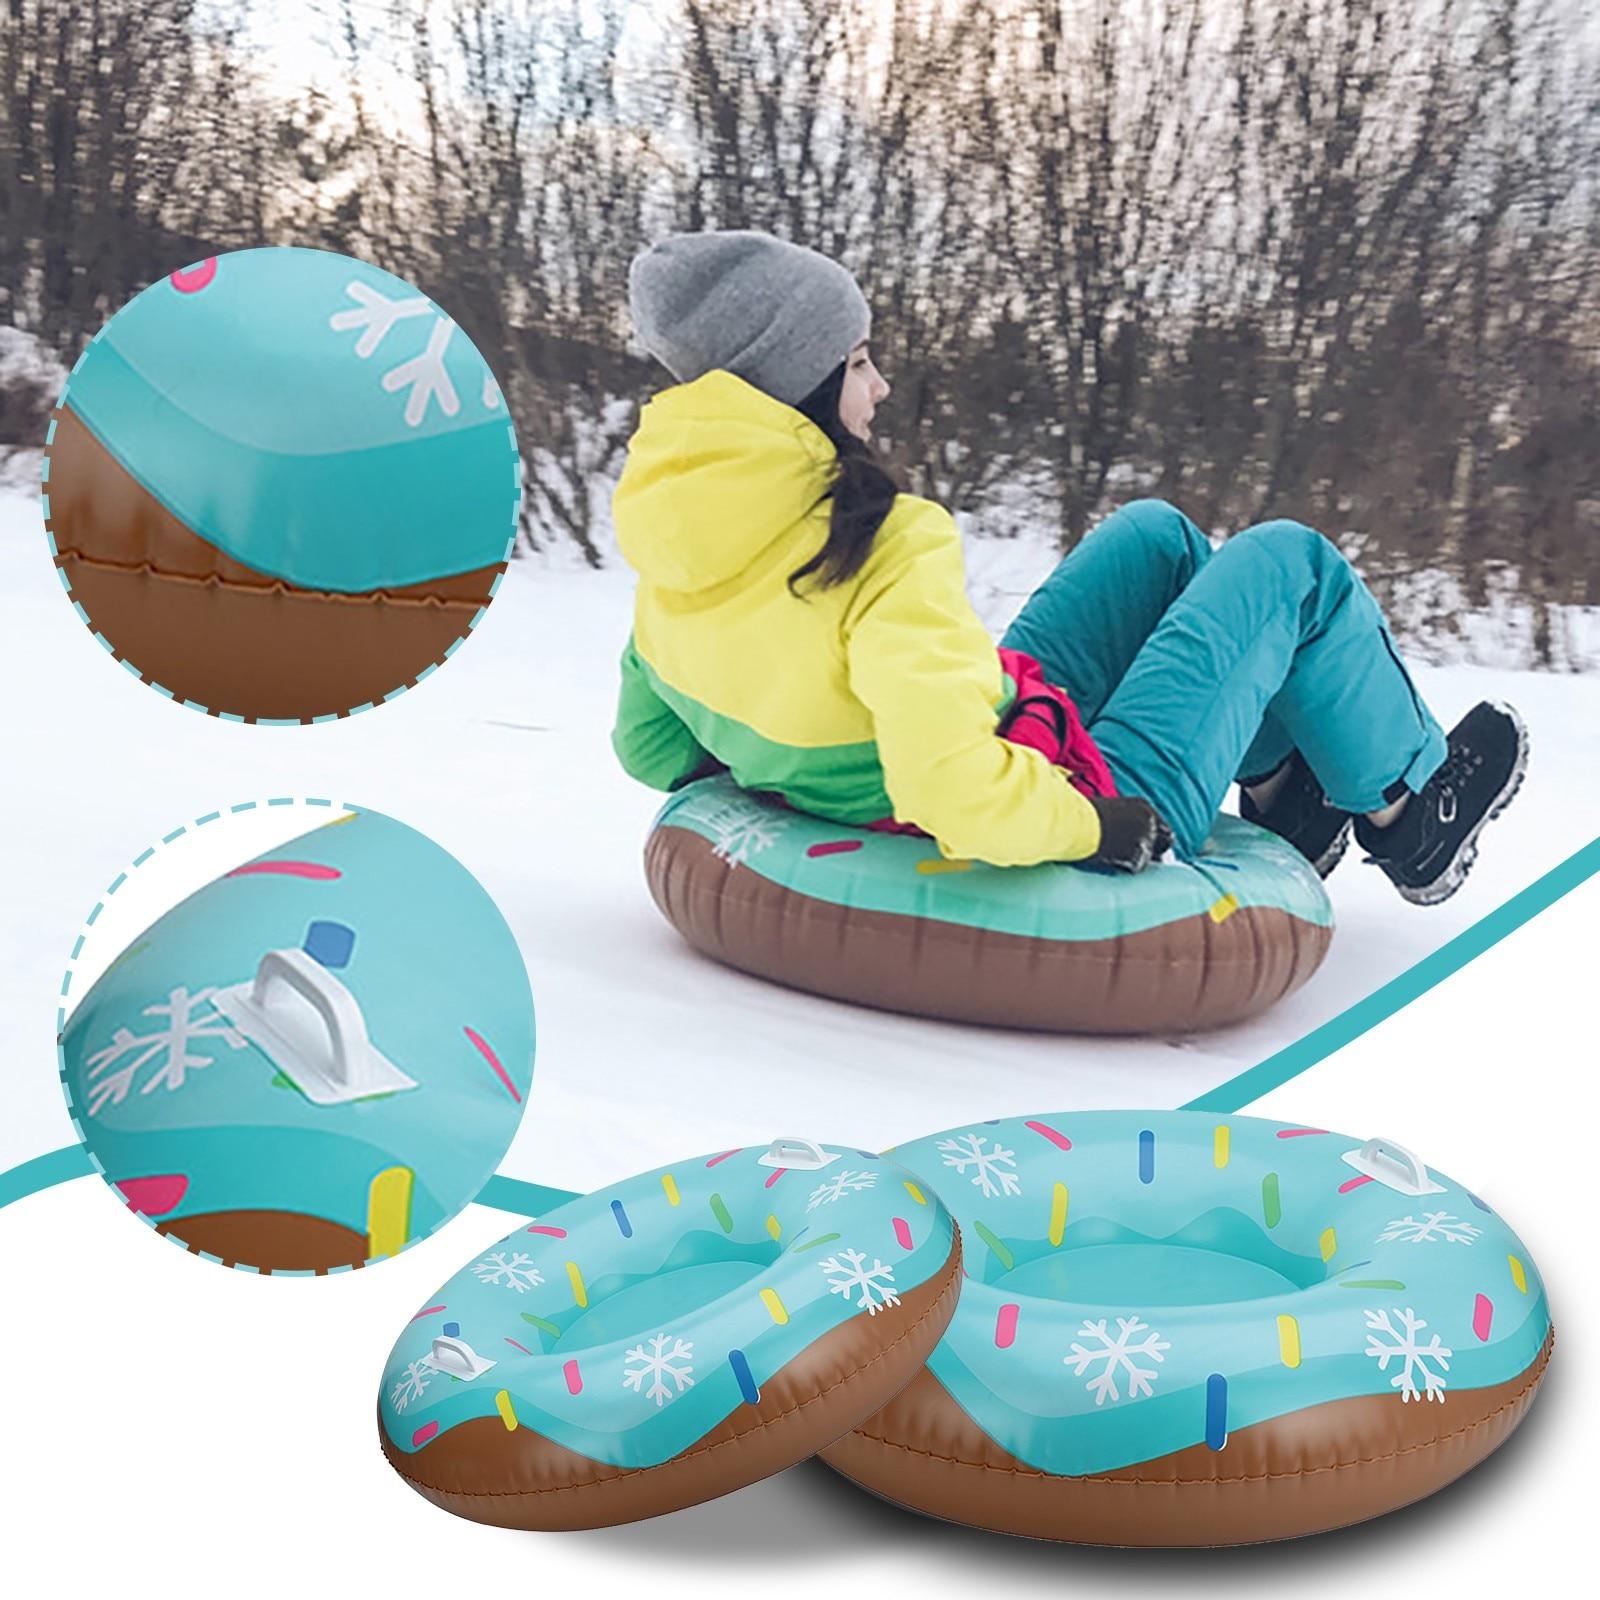 80 # надувные лыжи кольцо для катания на лыжах ПВХ снежные сани шины трубка для детей Лыжная площадка Спорт на открытом воздухе с ручкой надувные лыжи кольцо